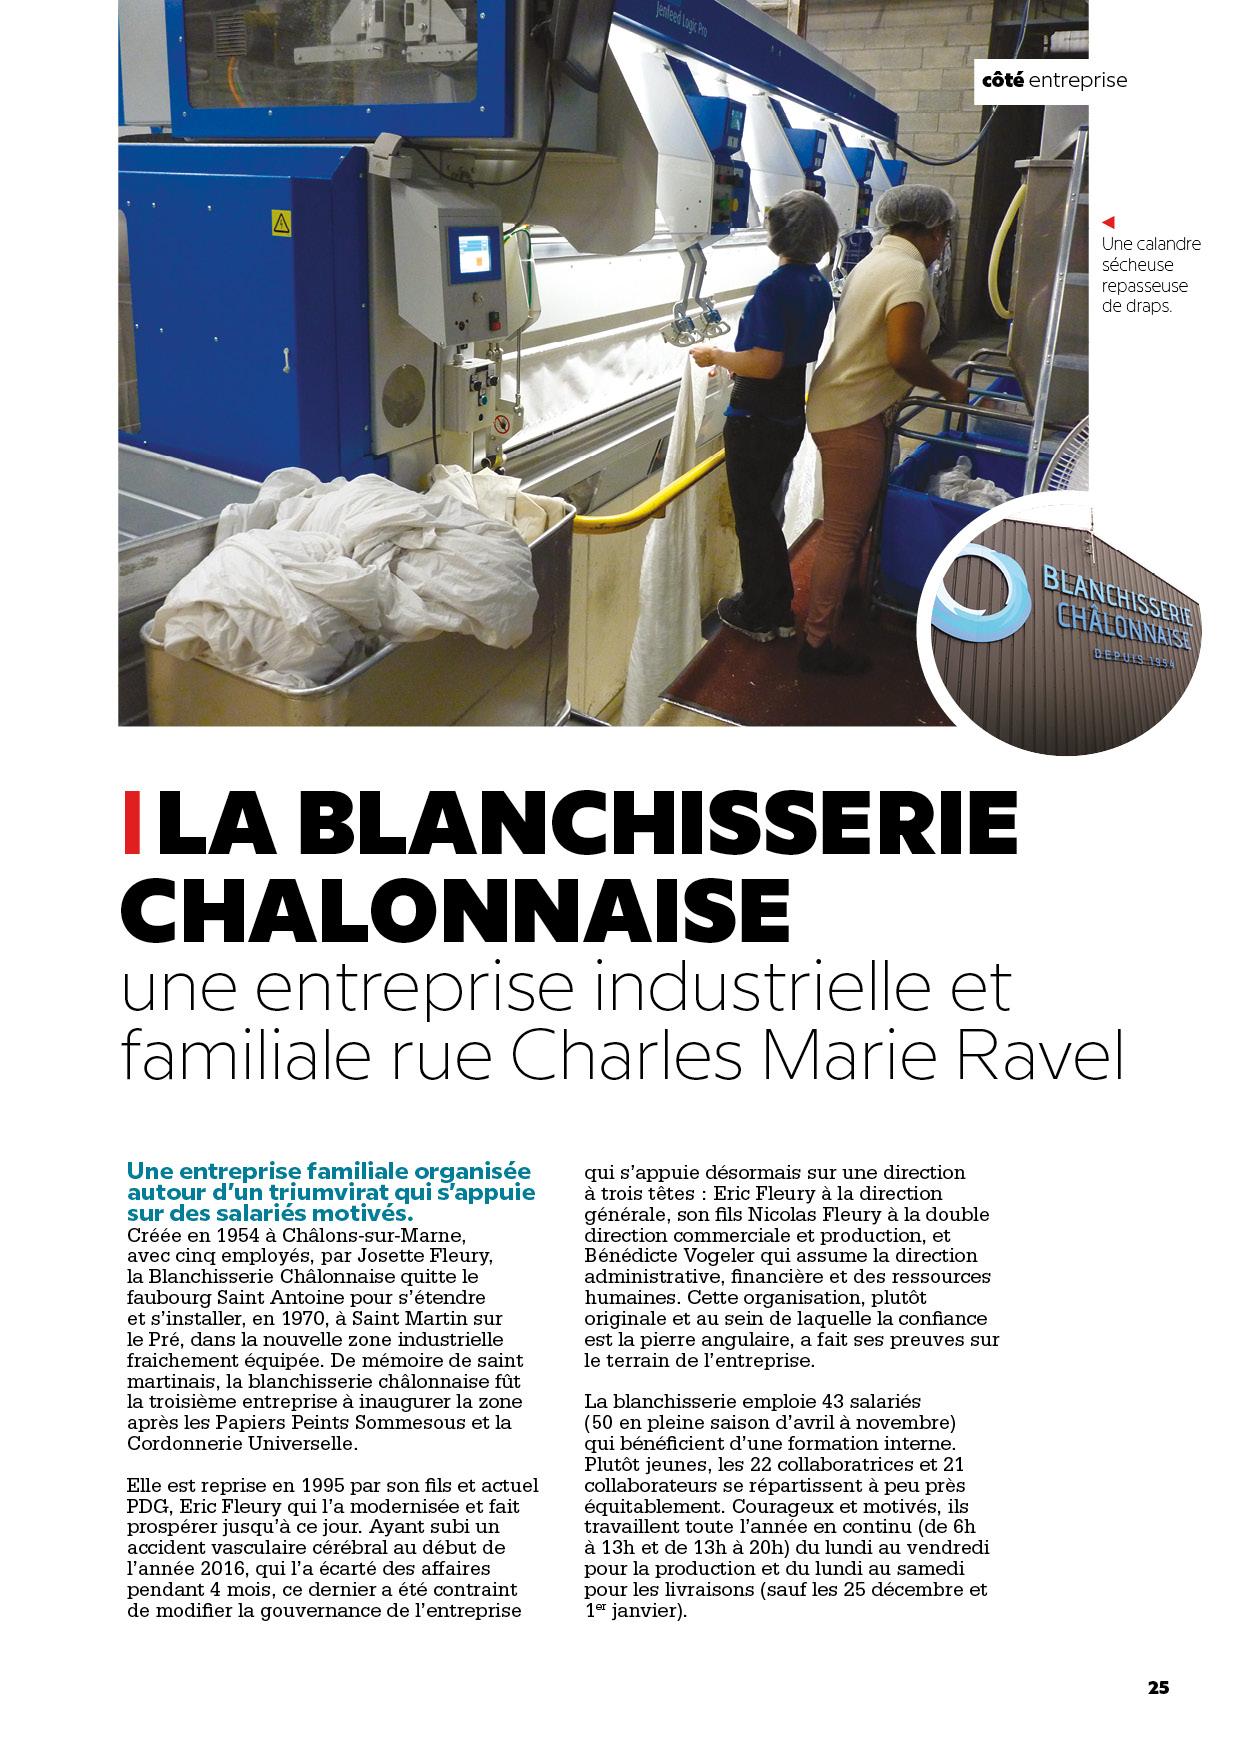 Blanchisserie Chalonnaise